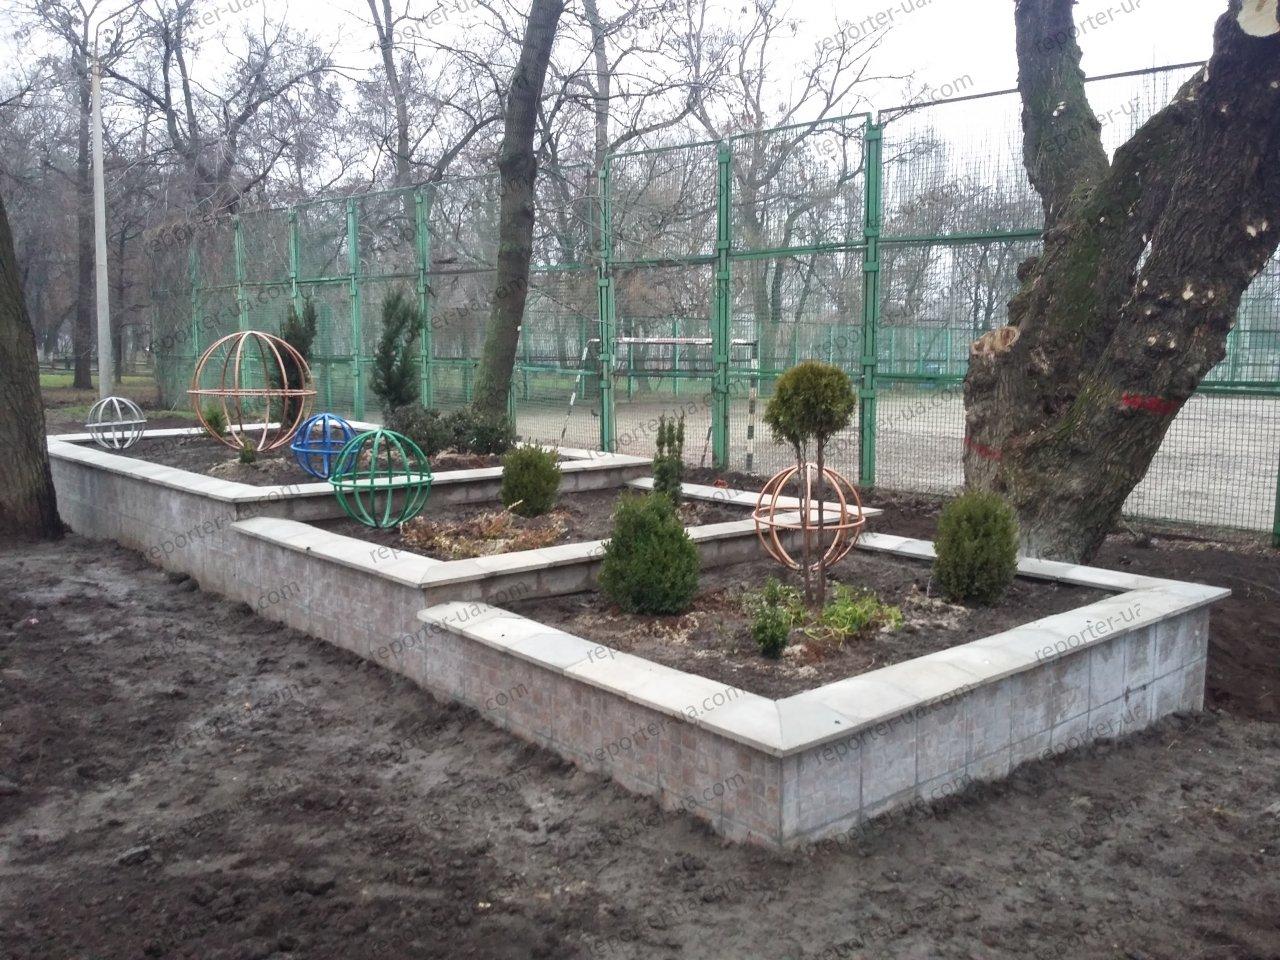 Спустя полгода после открытия в новом запорожском сквере засохла вся зелень: ее забыли поливать, – ФОТО, фото-1